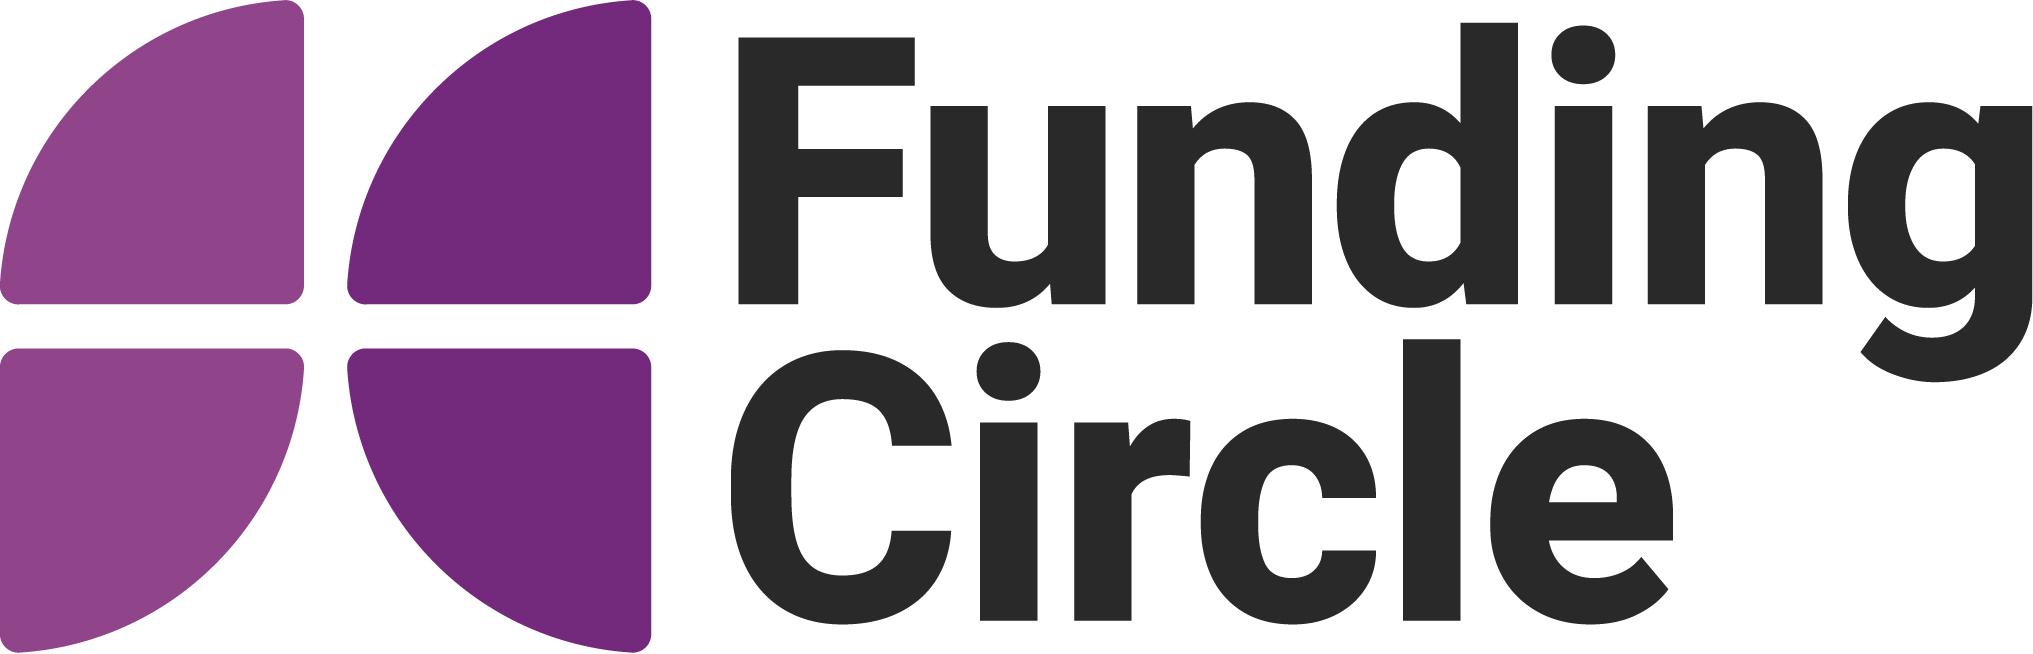 FC logo RBG.jpg